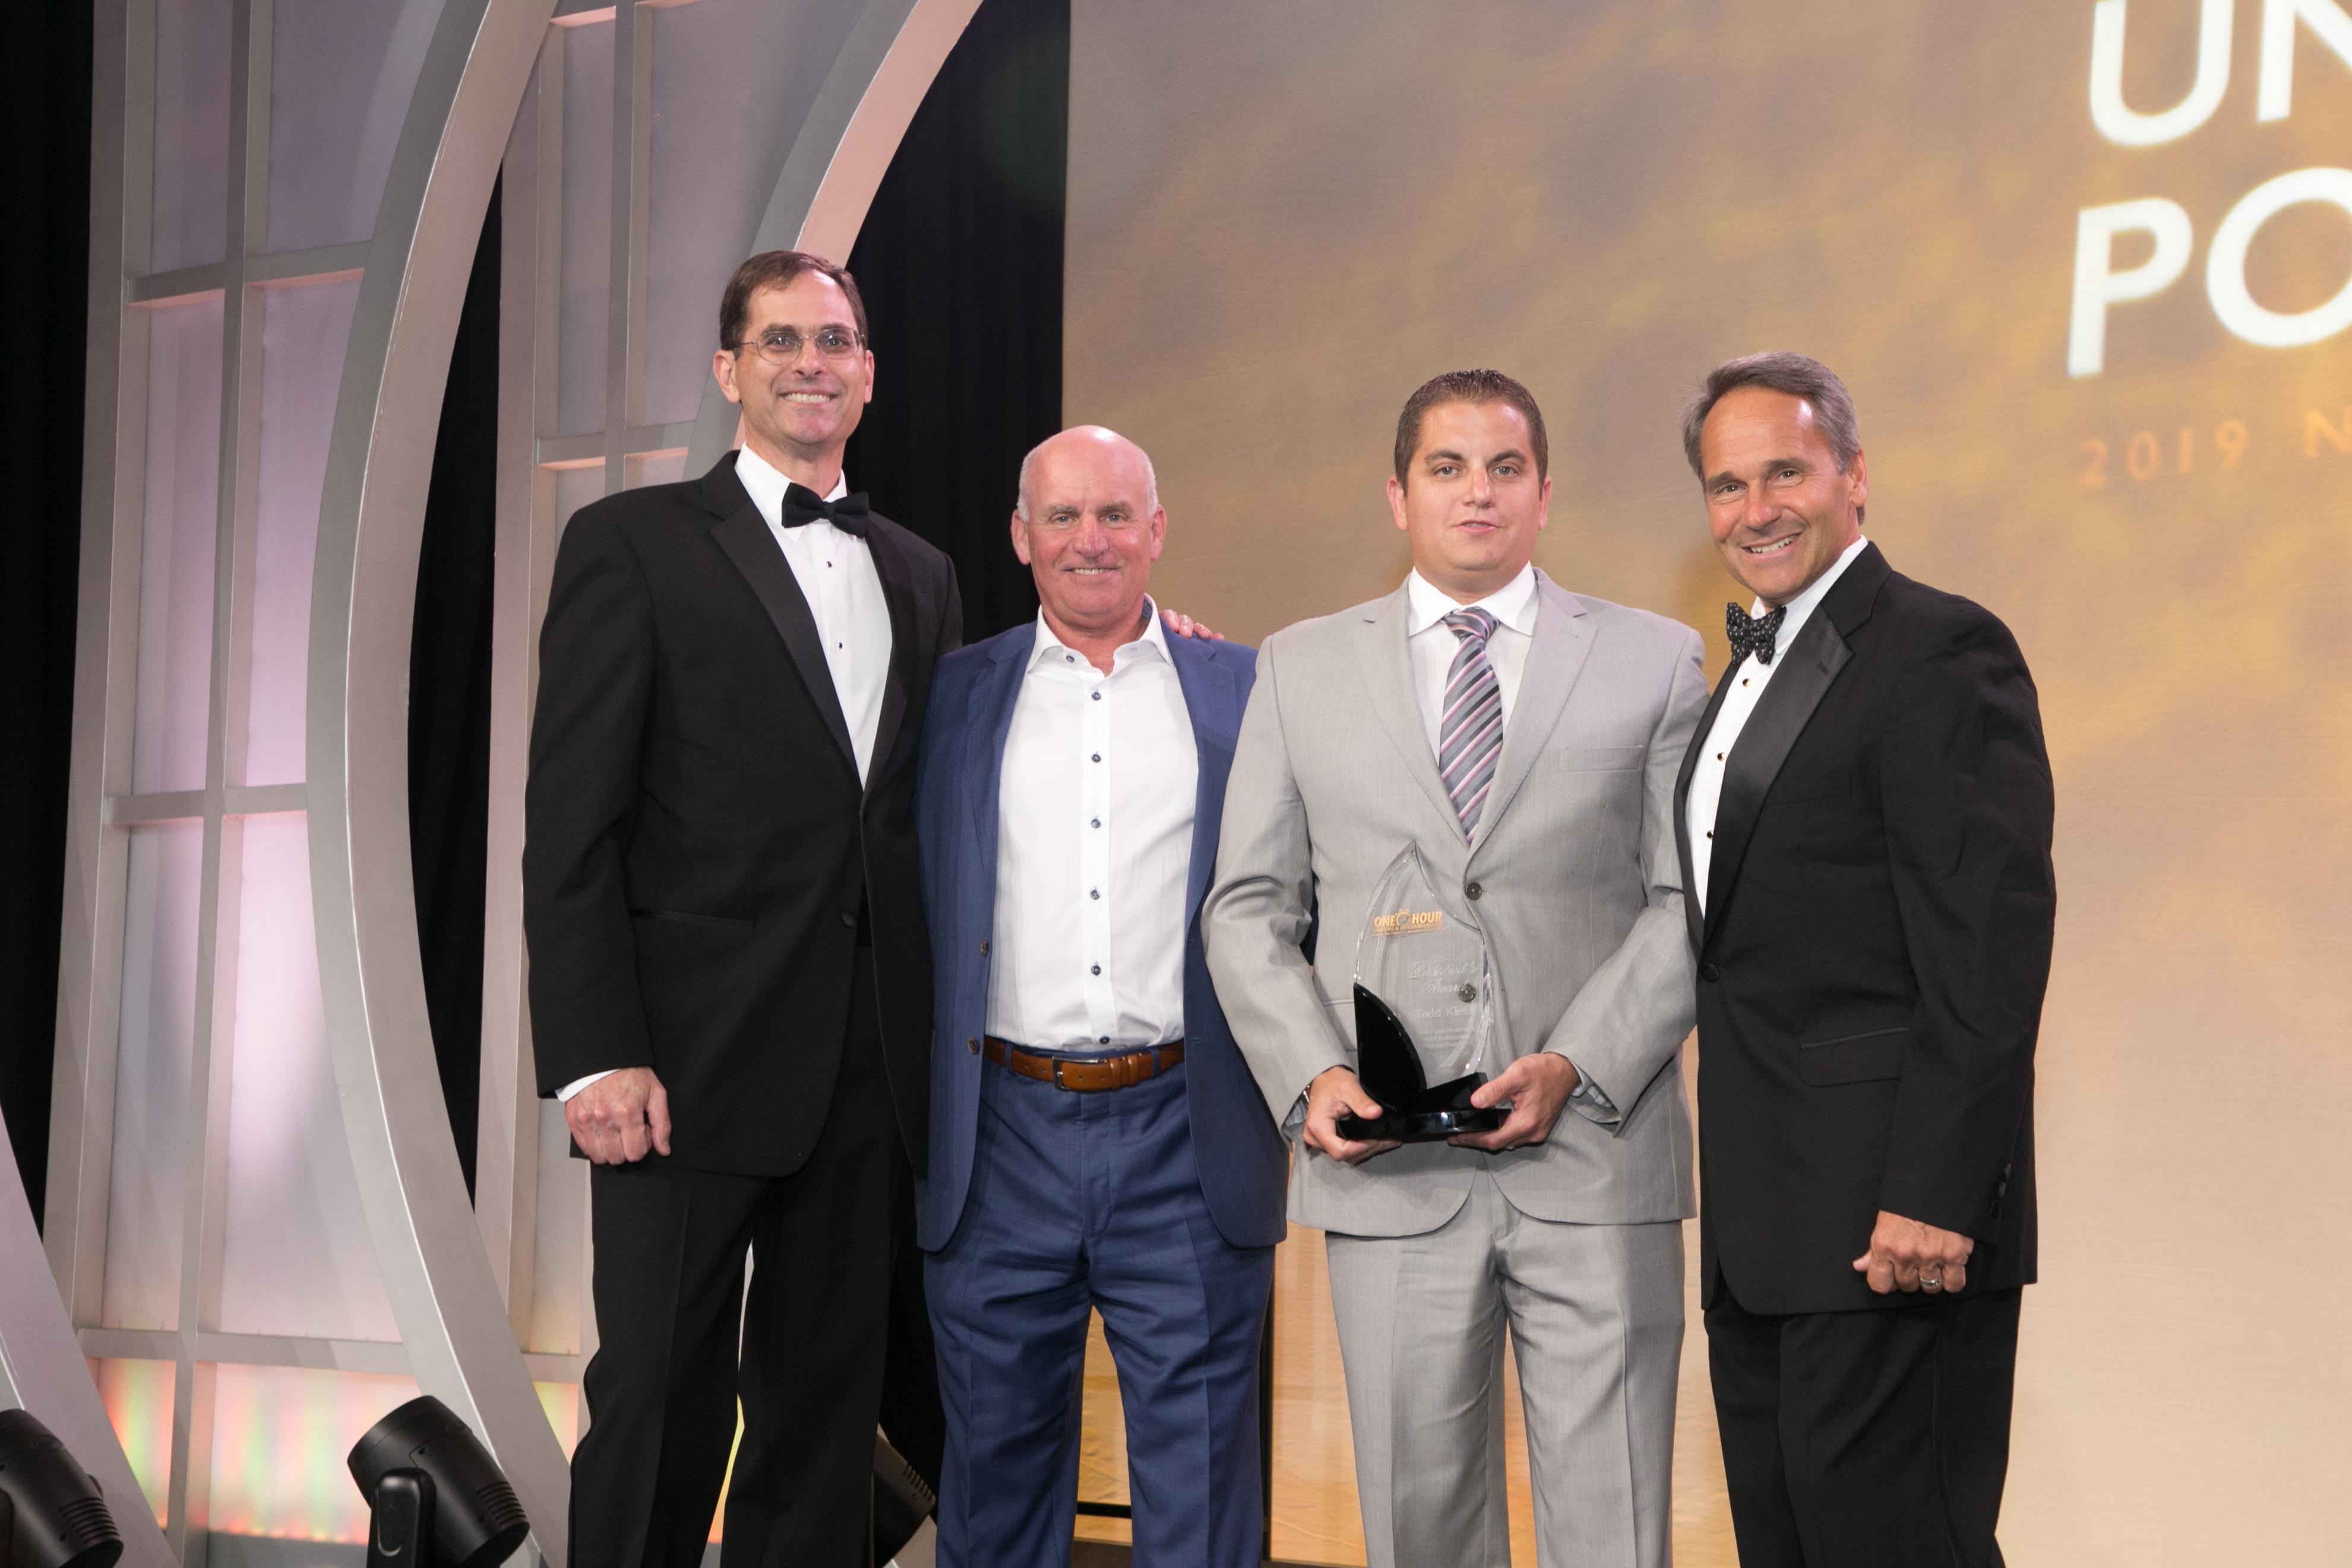 DE President's Club Award